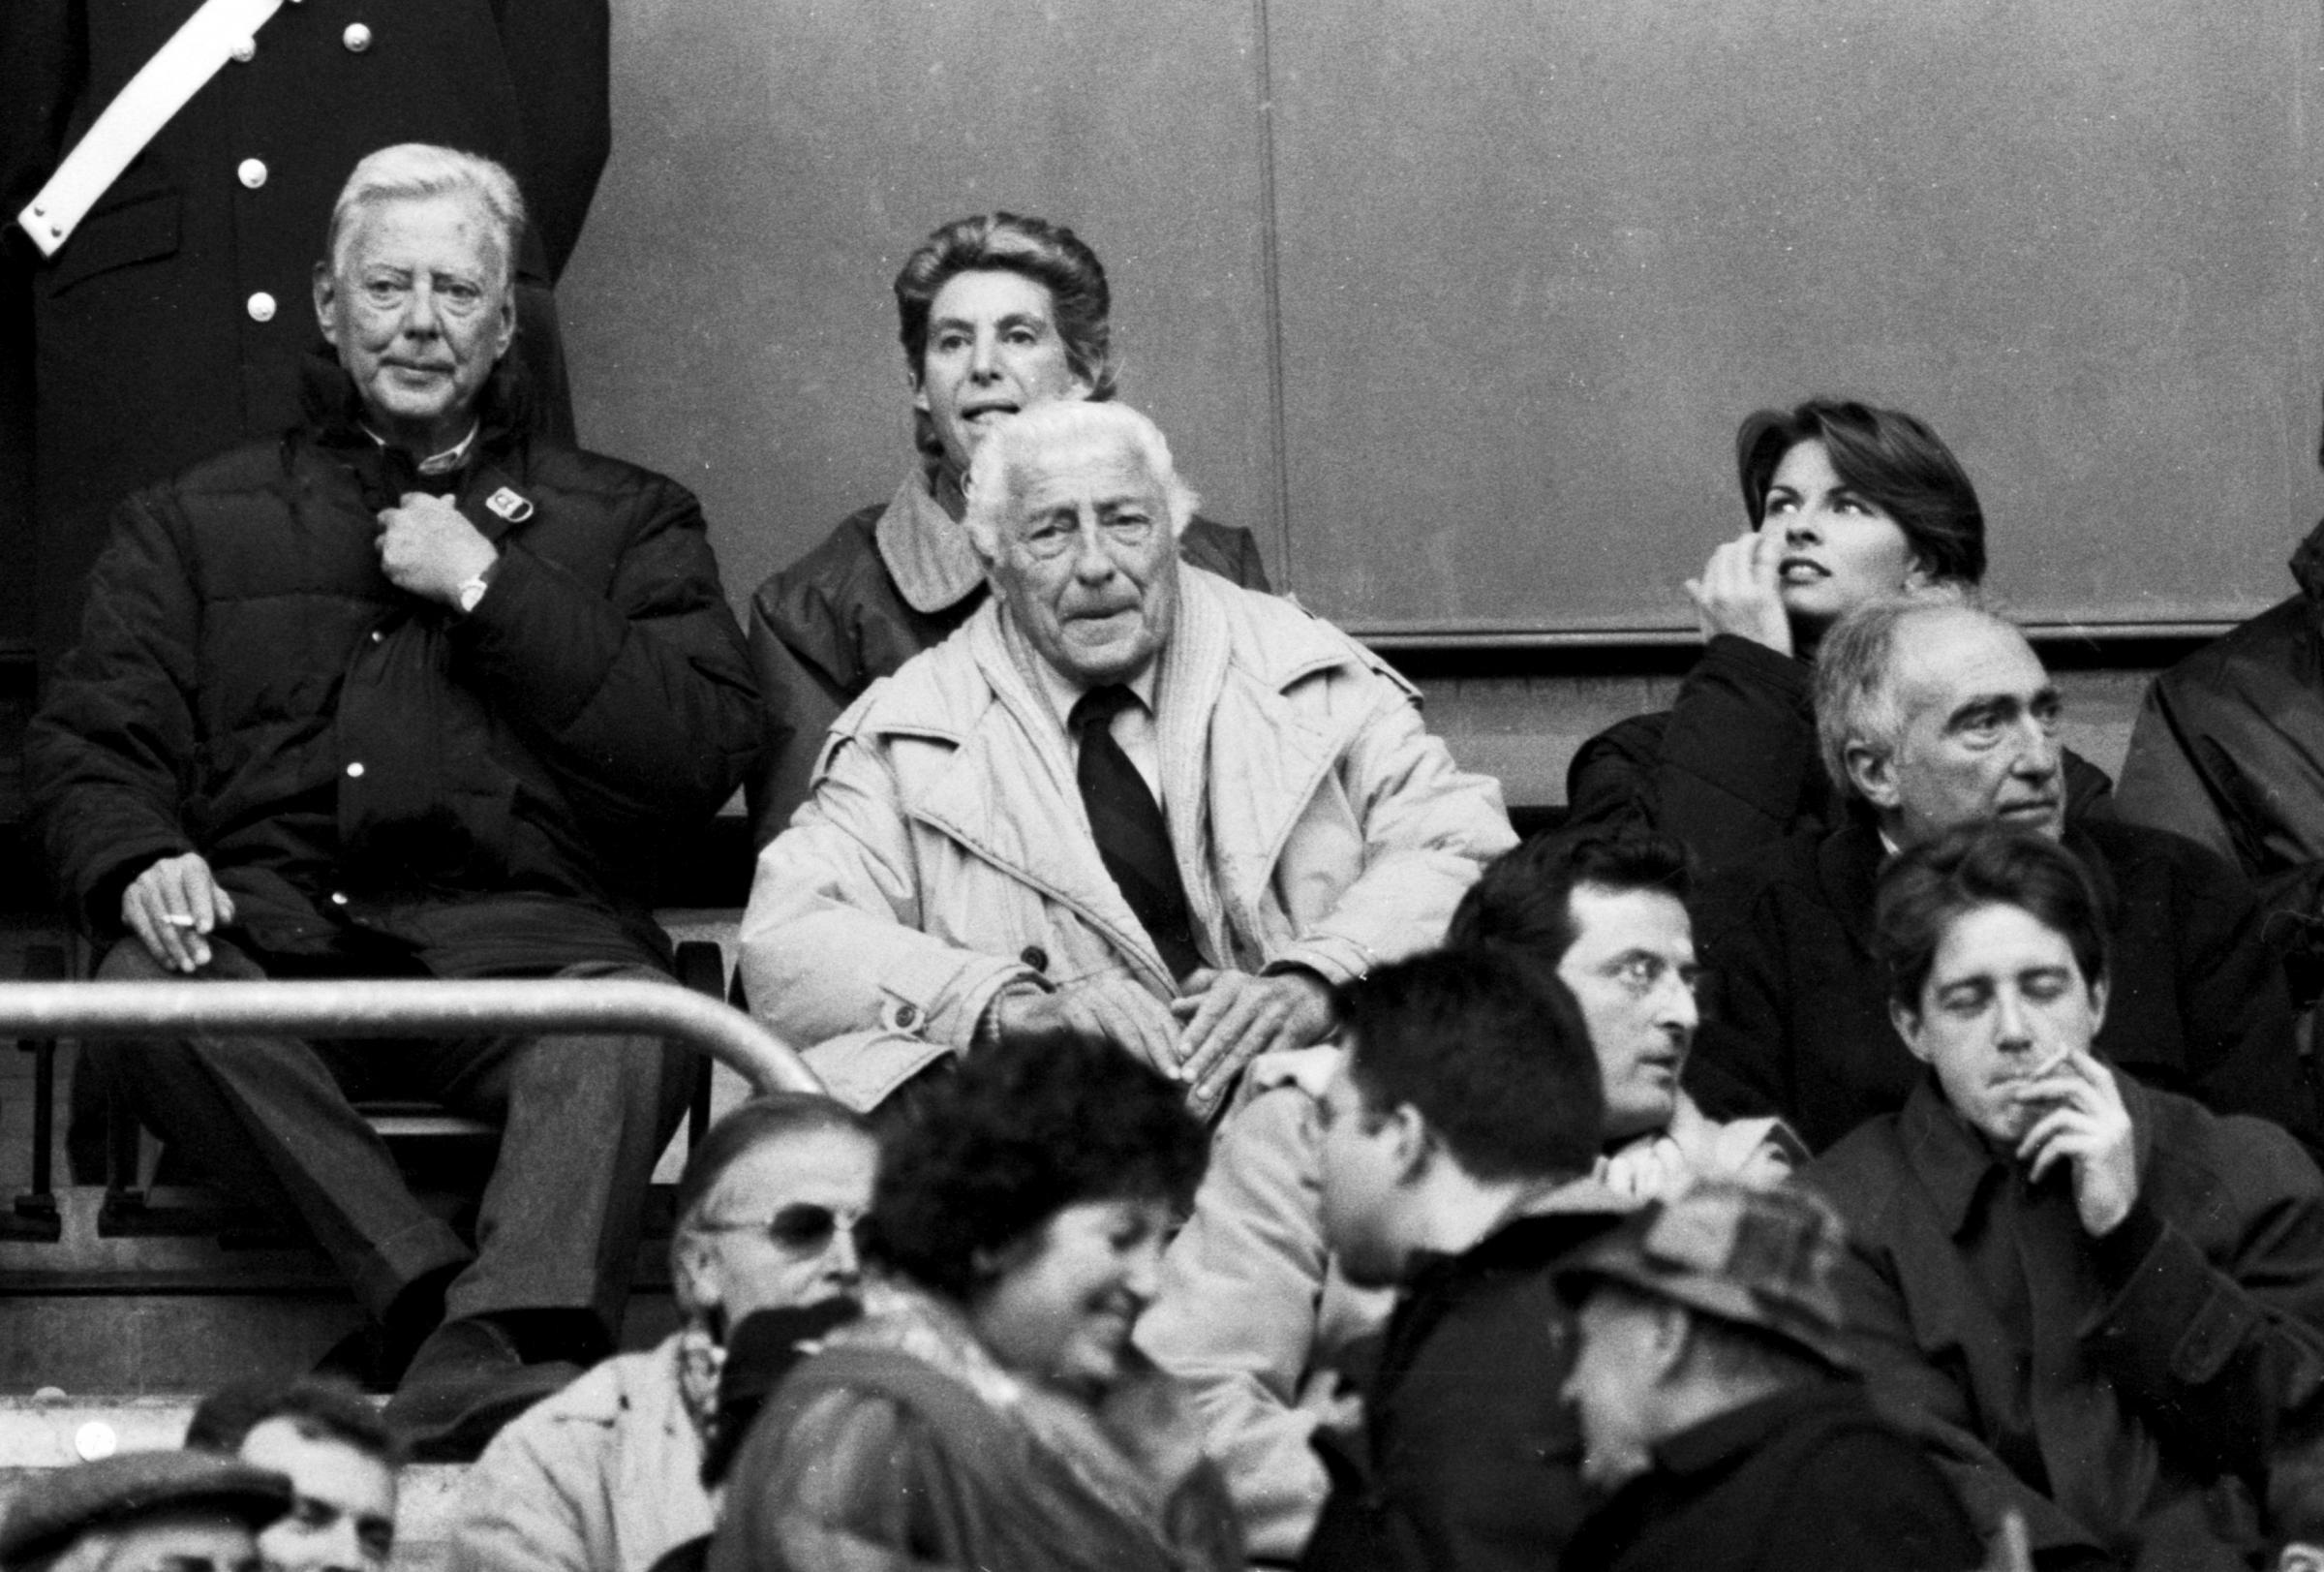 Il 12 marzo del 1921 nasceva un mito del nostro tempo. Con i bianconeri fece grandi cose. I club lo ricorda cos&igrave;: &quot;Passione, stile, eleganza e un amore infinito per la Juve&quot;<br /><br />